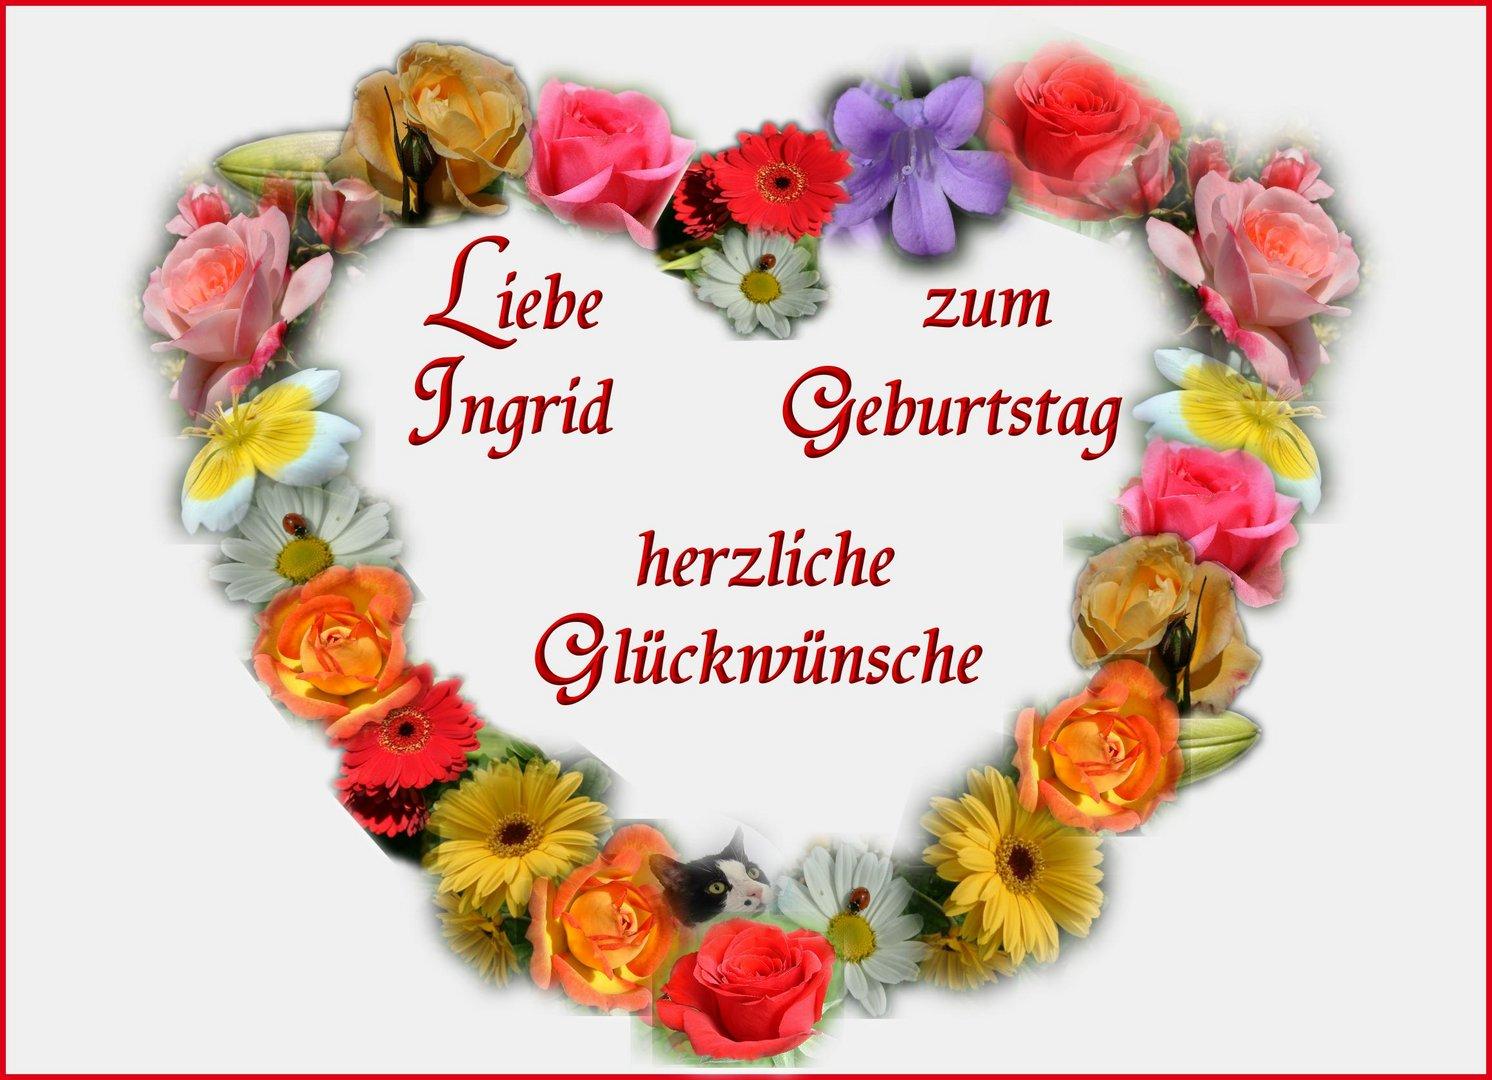 Alles Liebe Für Dich Liebe Ingrid Foto Bild Gratulation Und